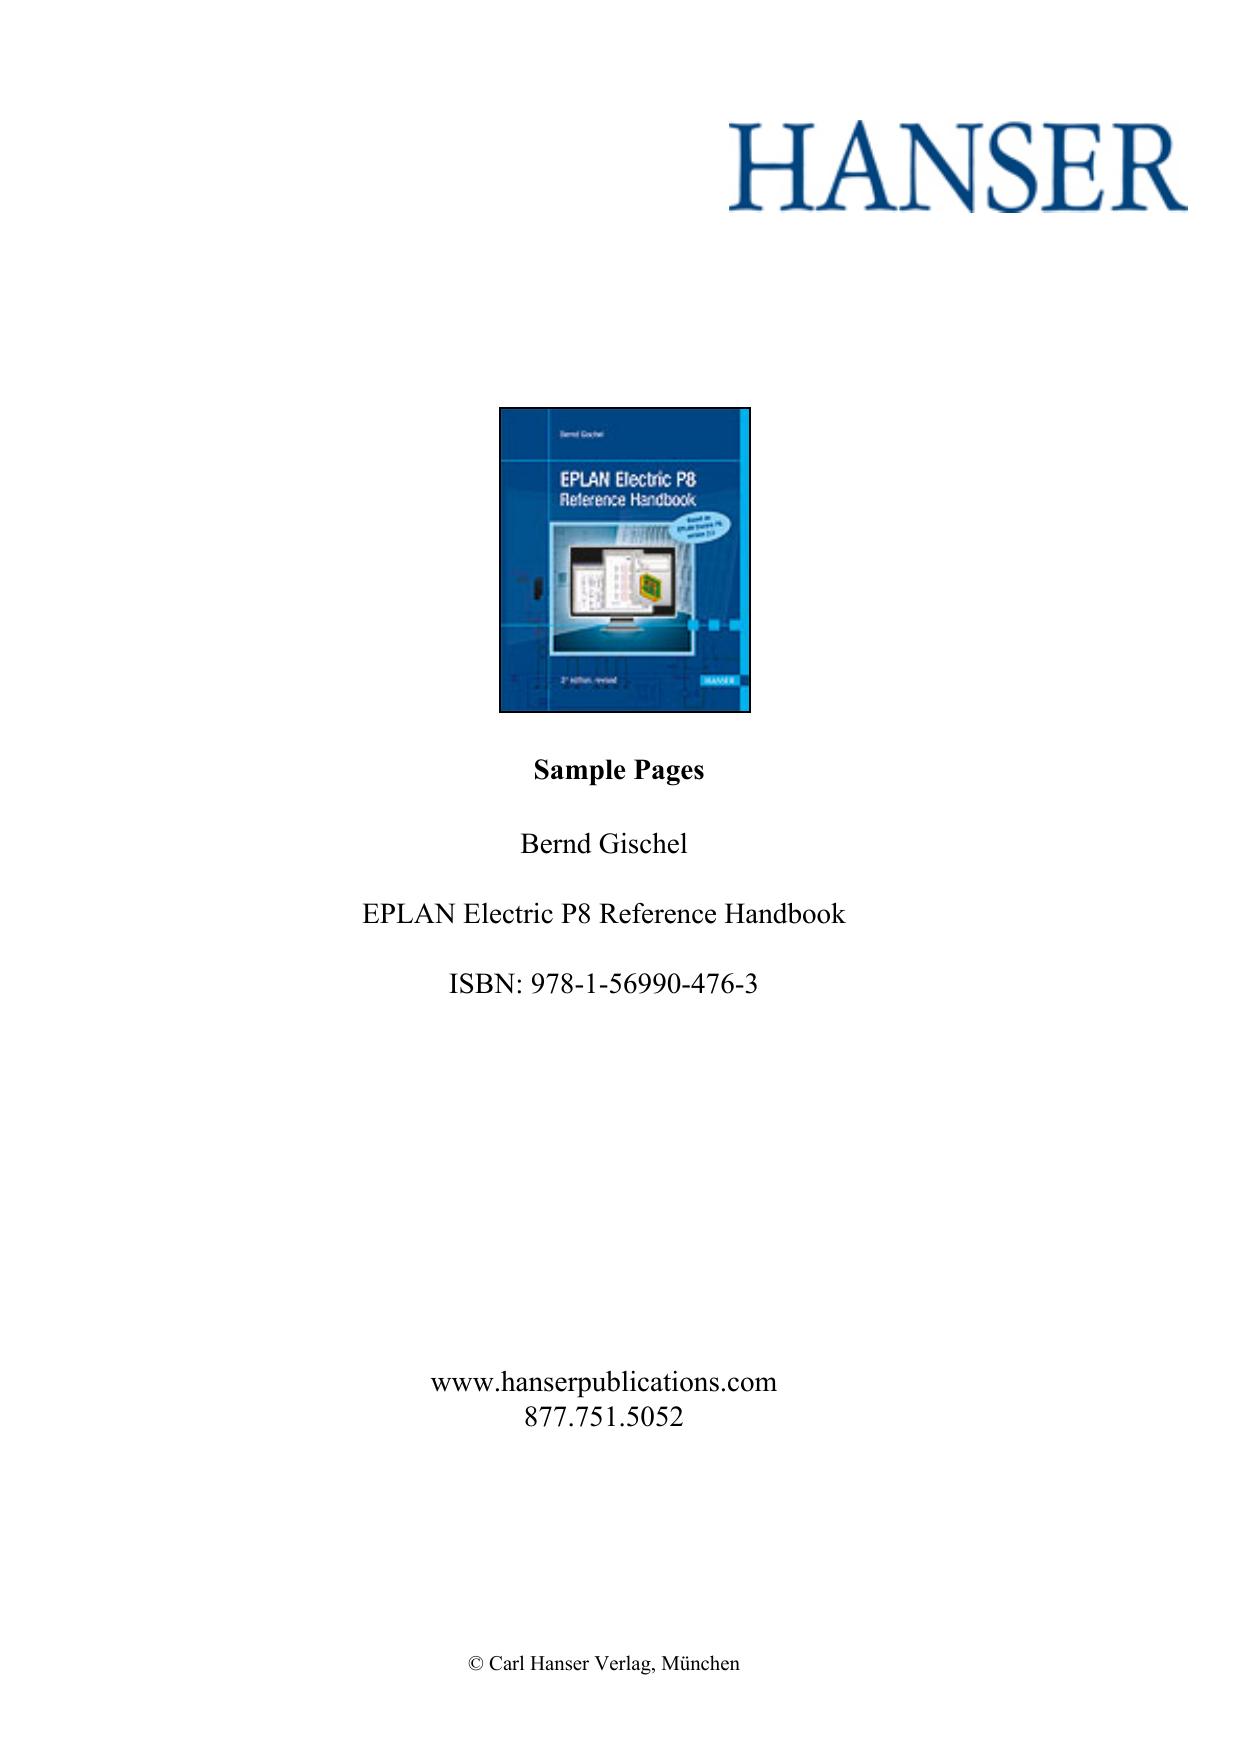 EPLAN Electric P8 Reference Handbook | manualzz com